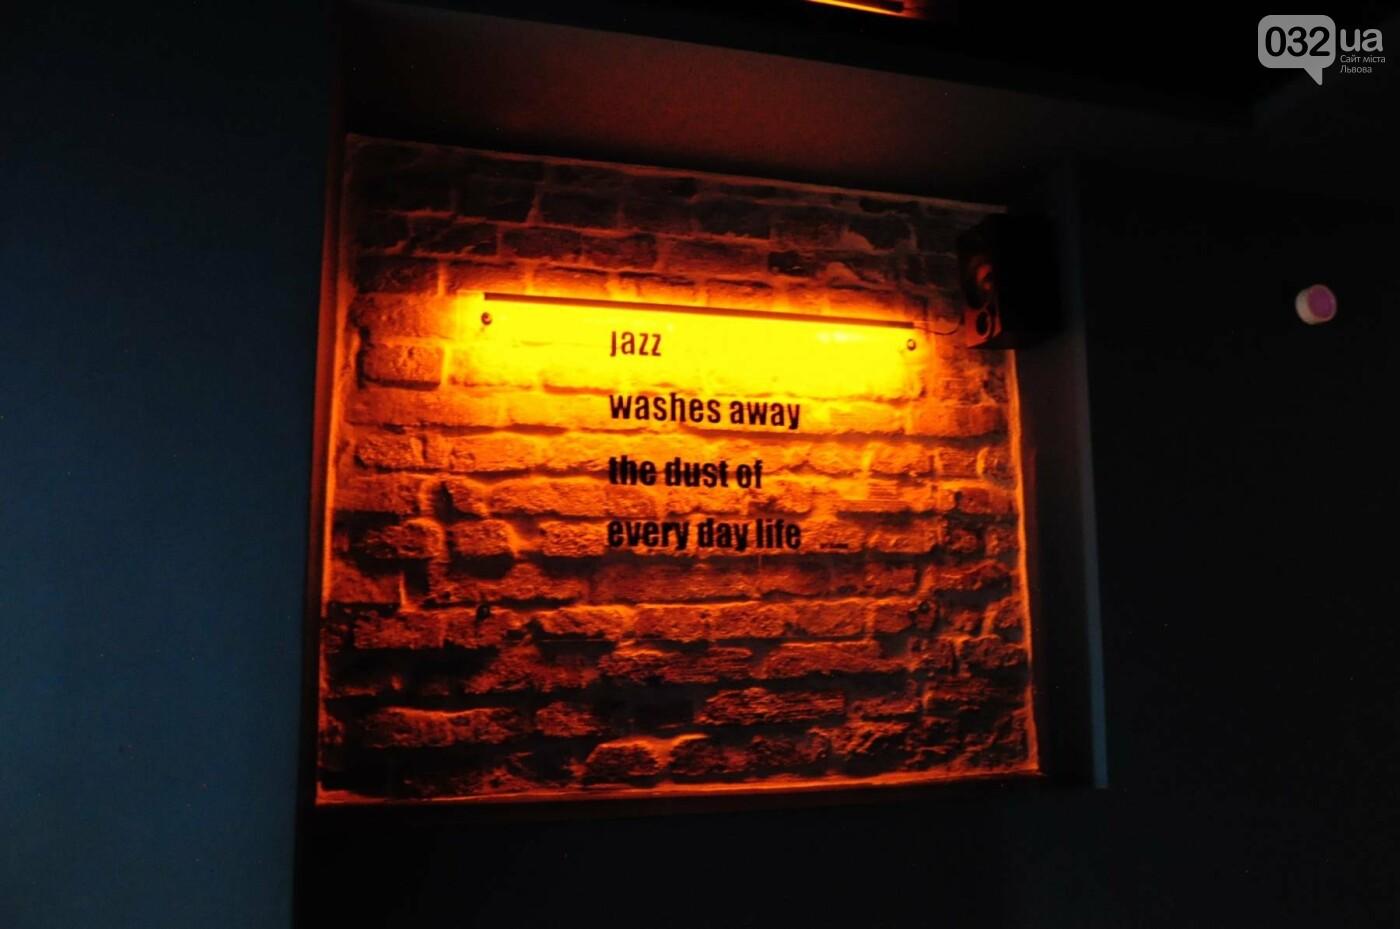 """Тест-драйв закладів Львова: ідемо в лаундж-гастро-кафе """"L. V. Cafe"""", фото-7"""